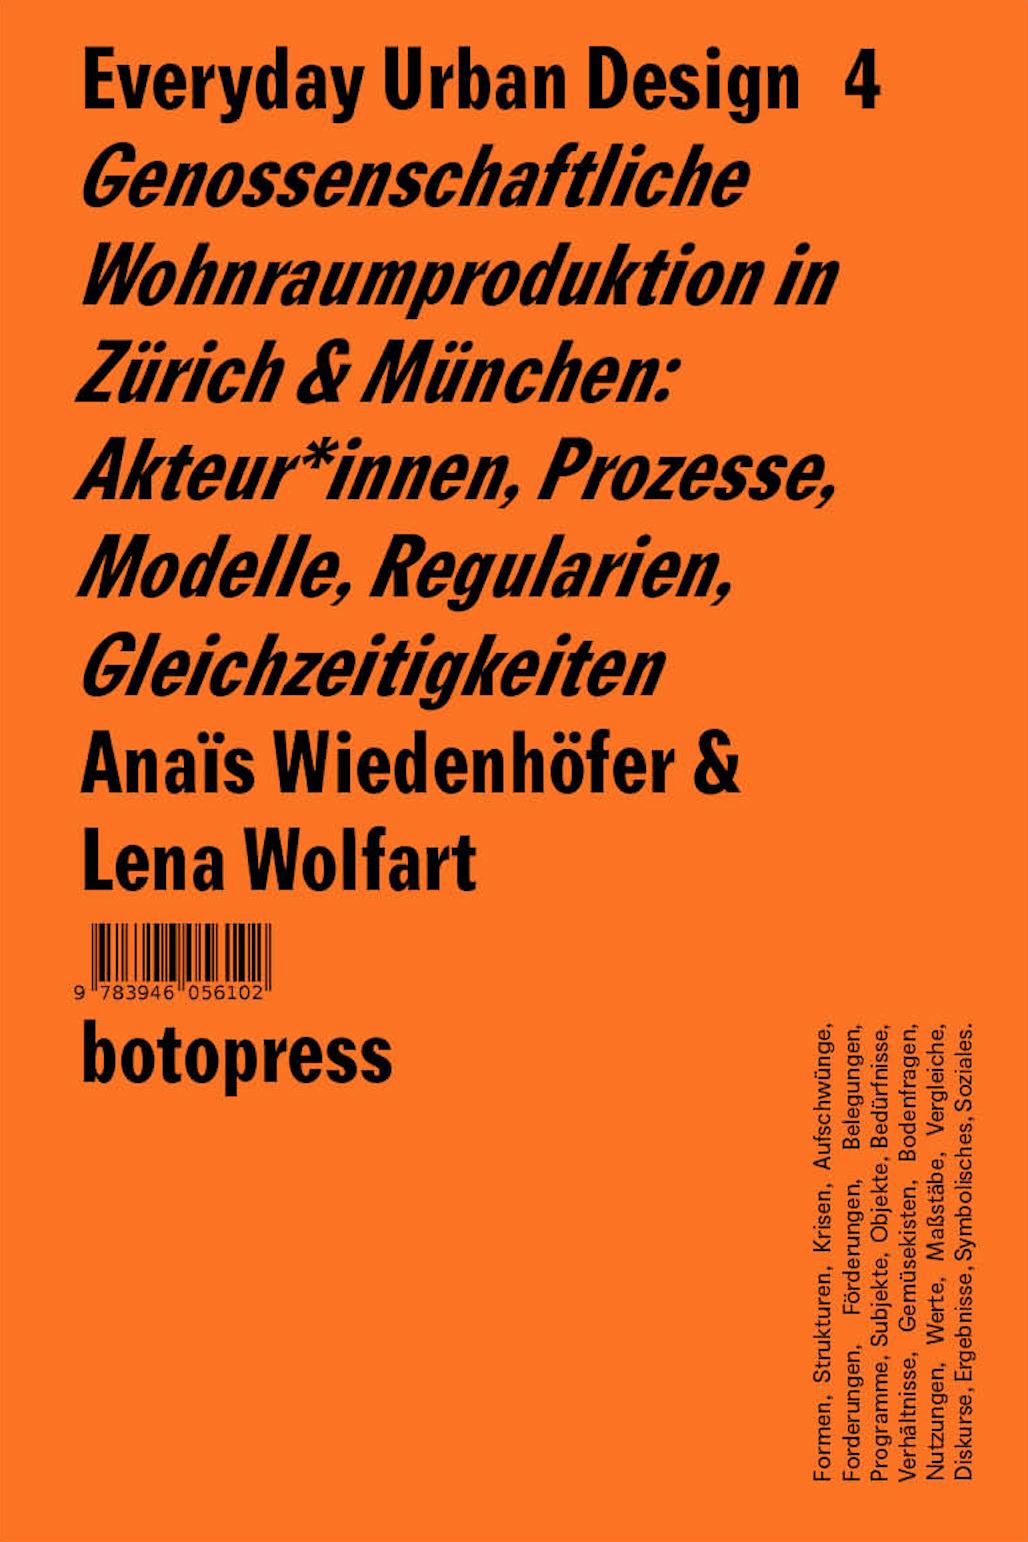 Genossenschaftliche Wohnraumproduktion in Zürich & München